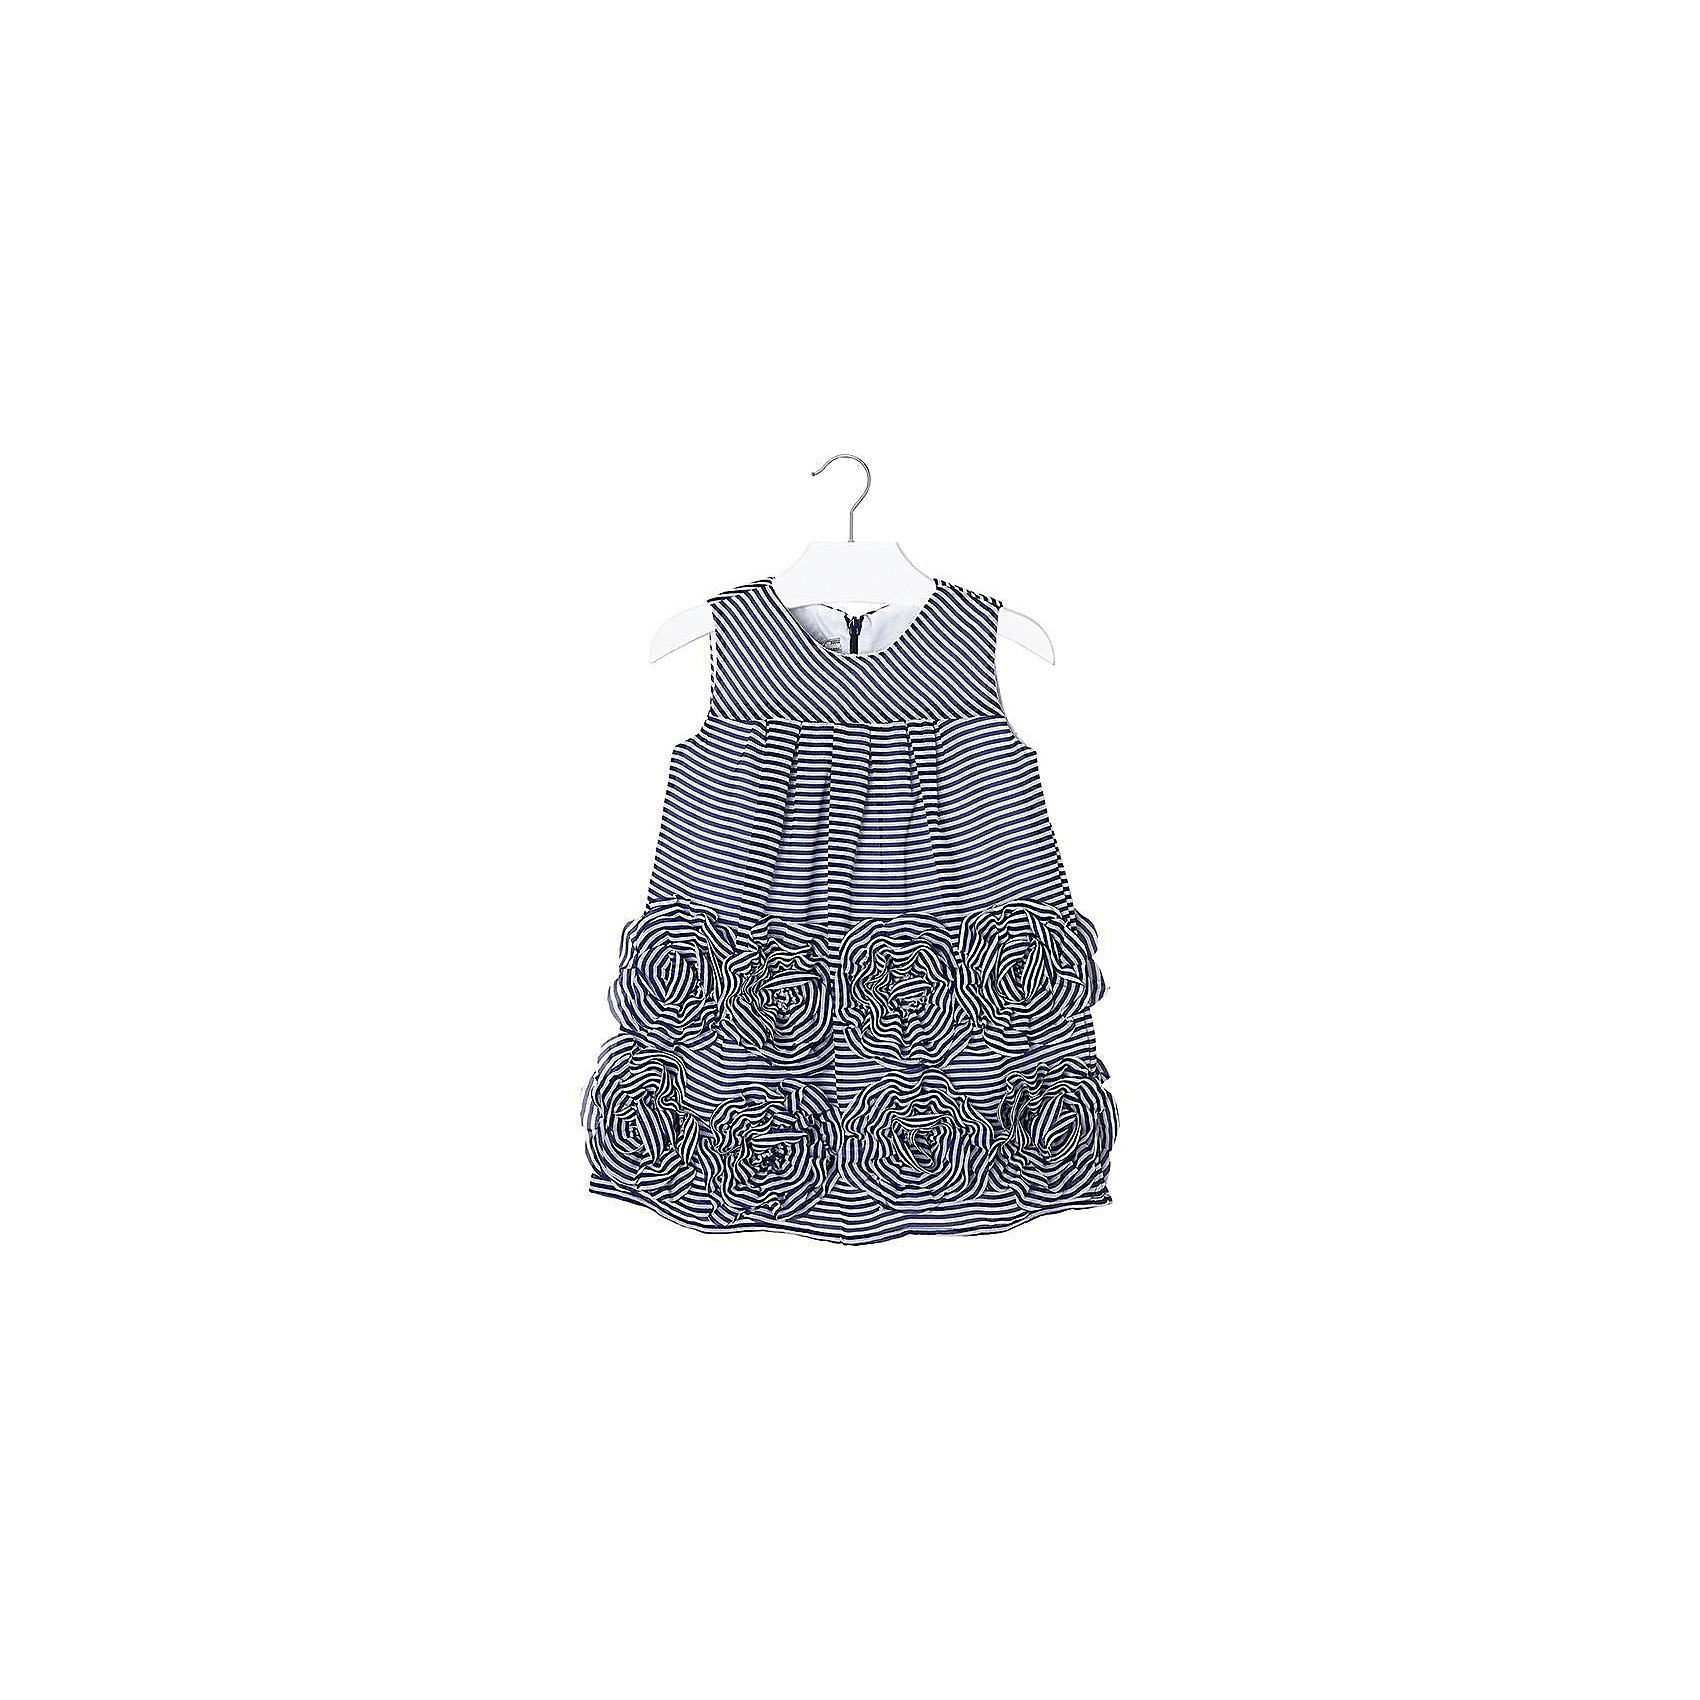 Платье для девочки MayoralОдежда<br>Платье для девочки от известной испанской марки Mayoral оригинальная модель, которая обязательно понравится юной моднице.<br><br>Дополнительная информация:<br><br>- Без рукавов.<br>- Полосатый принт.<br>- Застегивается на молнию сзади. <br>- Низ модели декорирован текстильными цветами. <br>- Состав: верх - 100% полиэстер; подкладка - 65% полиэстер, 35% хлопок. <br><br>Платье для девочки Mayoral (Майорал) можно купить в нашем магазине.<br><br>Ширина мм: 236<br>Глубина мм: 16<br>Высота мм: 184<br>Вес г: 177<br>Цвет: синий<br>Возраст от месяцев: 24<br>Возраст до месяцев: 36<br>Пол: Женский<br>Возраст: Детский<br>Размер: 98,128,116,104,110,134,122<br>SKU: 4543075